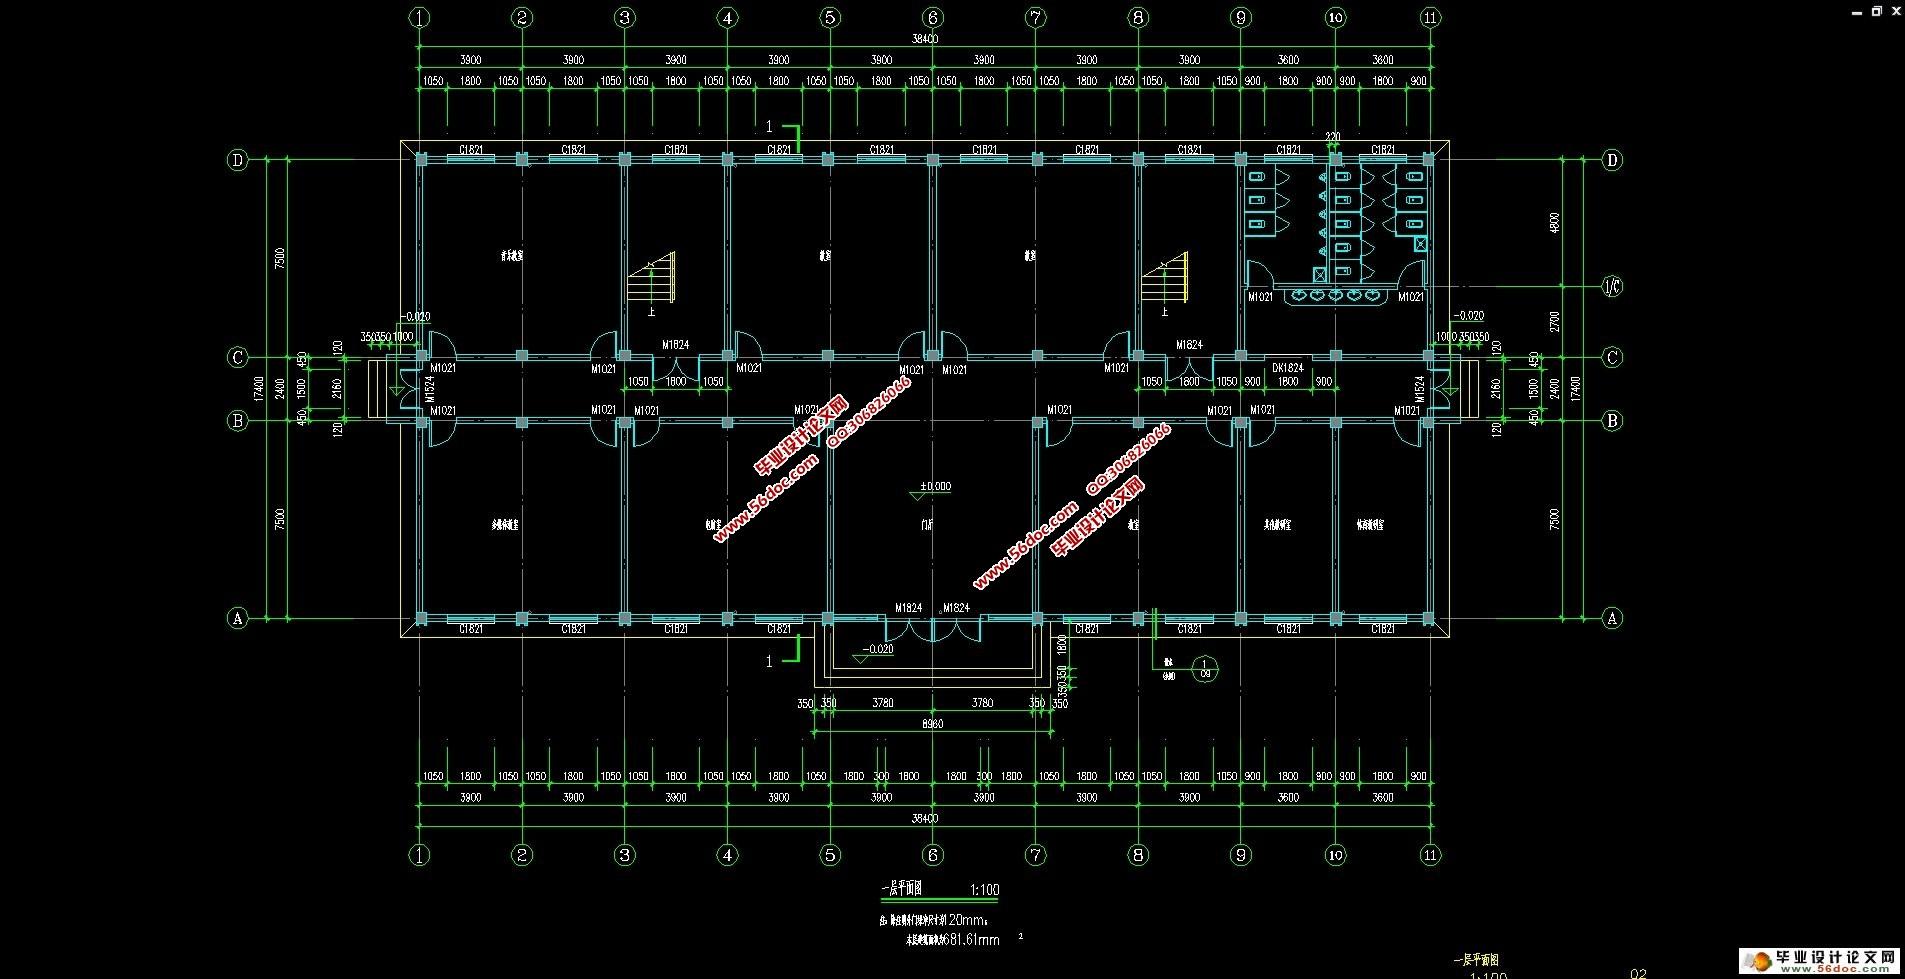 44㎡,设计年限为50年,抗震设防烈度为6度,结构类型为多层钢筋混凝土